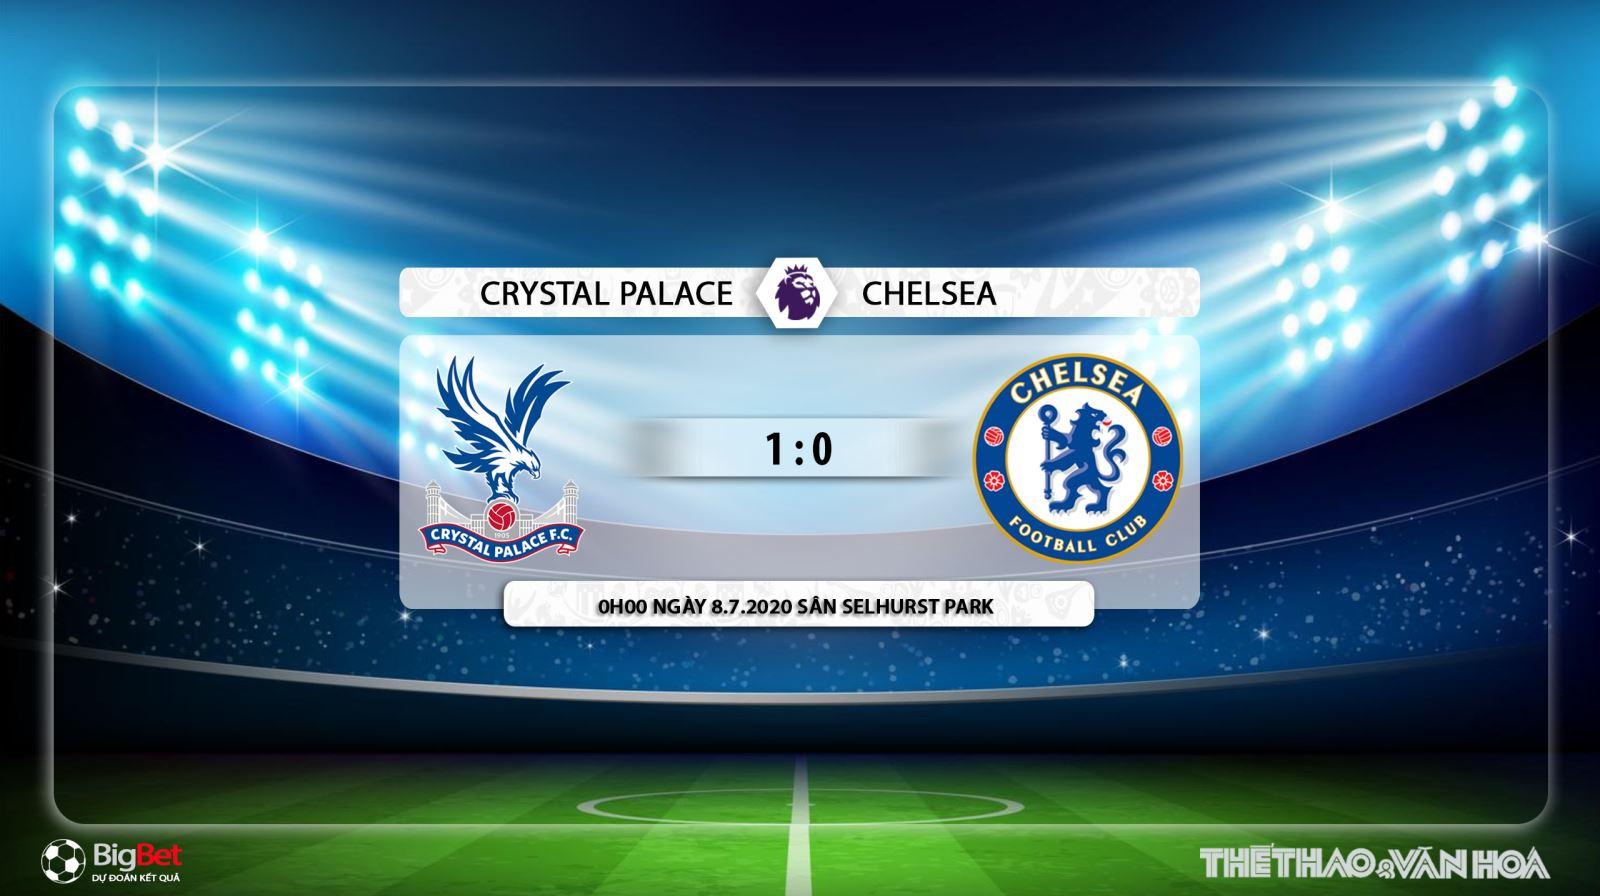 Crysal Palace vs Chelsea, Chelsea, soi kèo, kèo bóng đá, trực tiếp Crysal Palace vs Chelsea, nhận định, dự đoán, lịch thi đấu bóng đá hôm nay